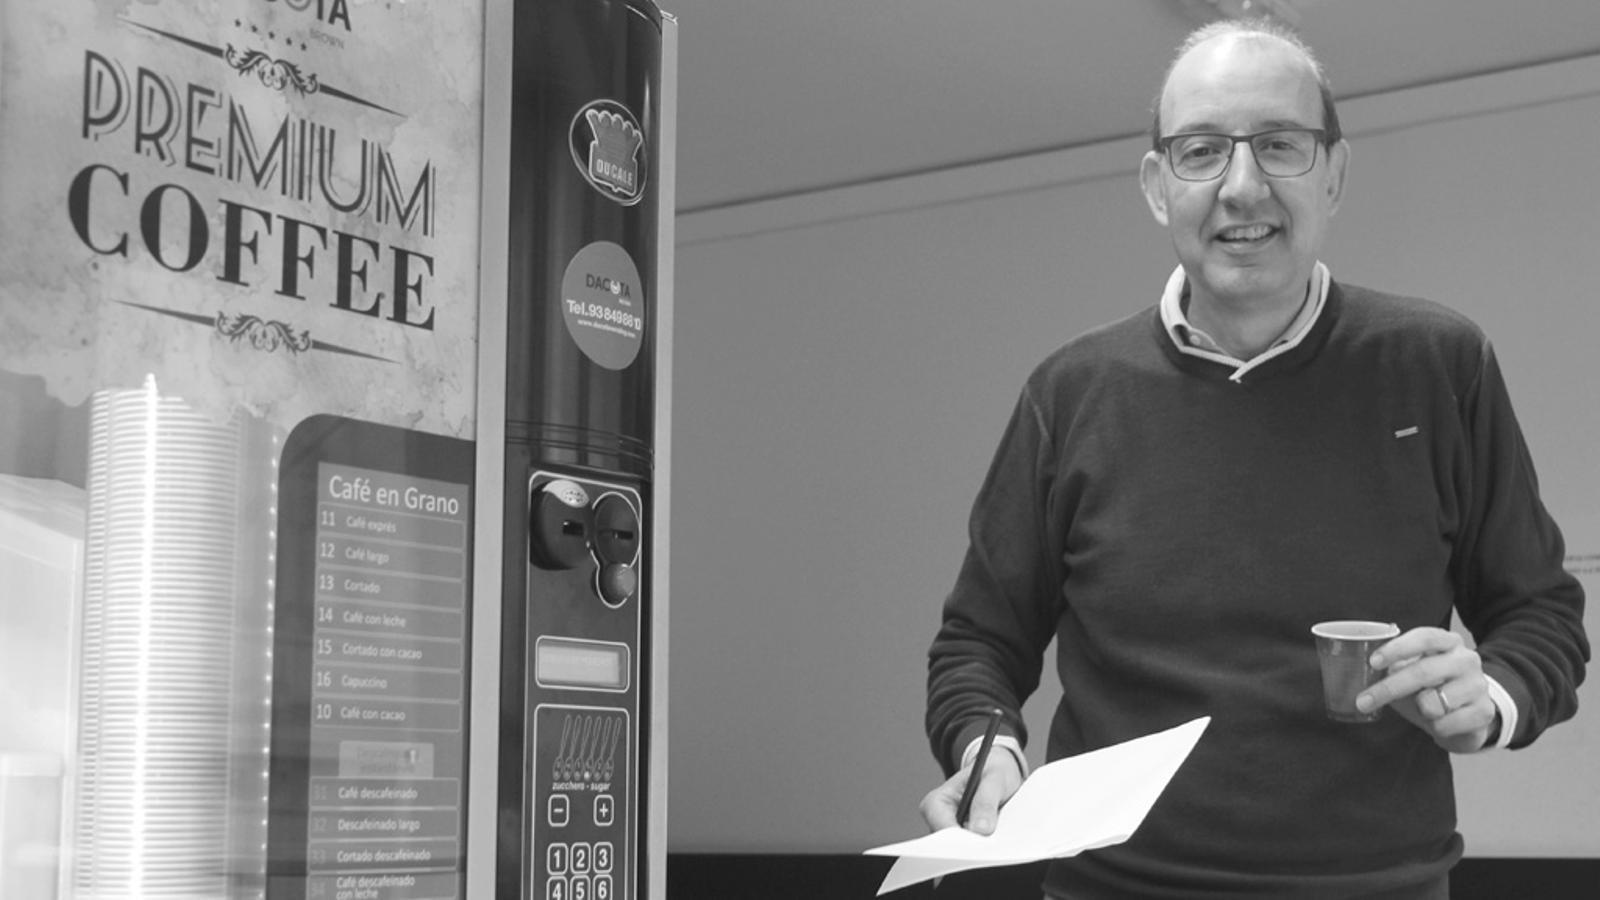 L'editorial d'Antoni Bassas: Esperar després de les eleccions espanyoles? (16/10/15)